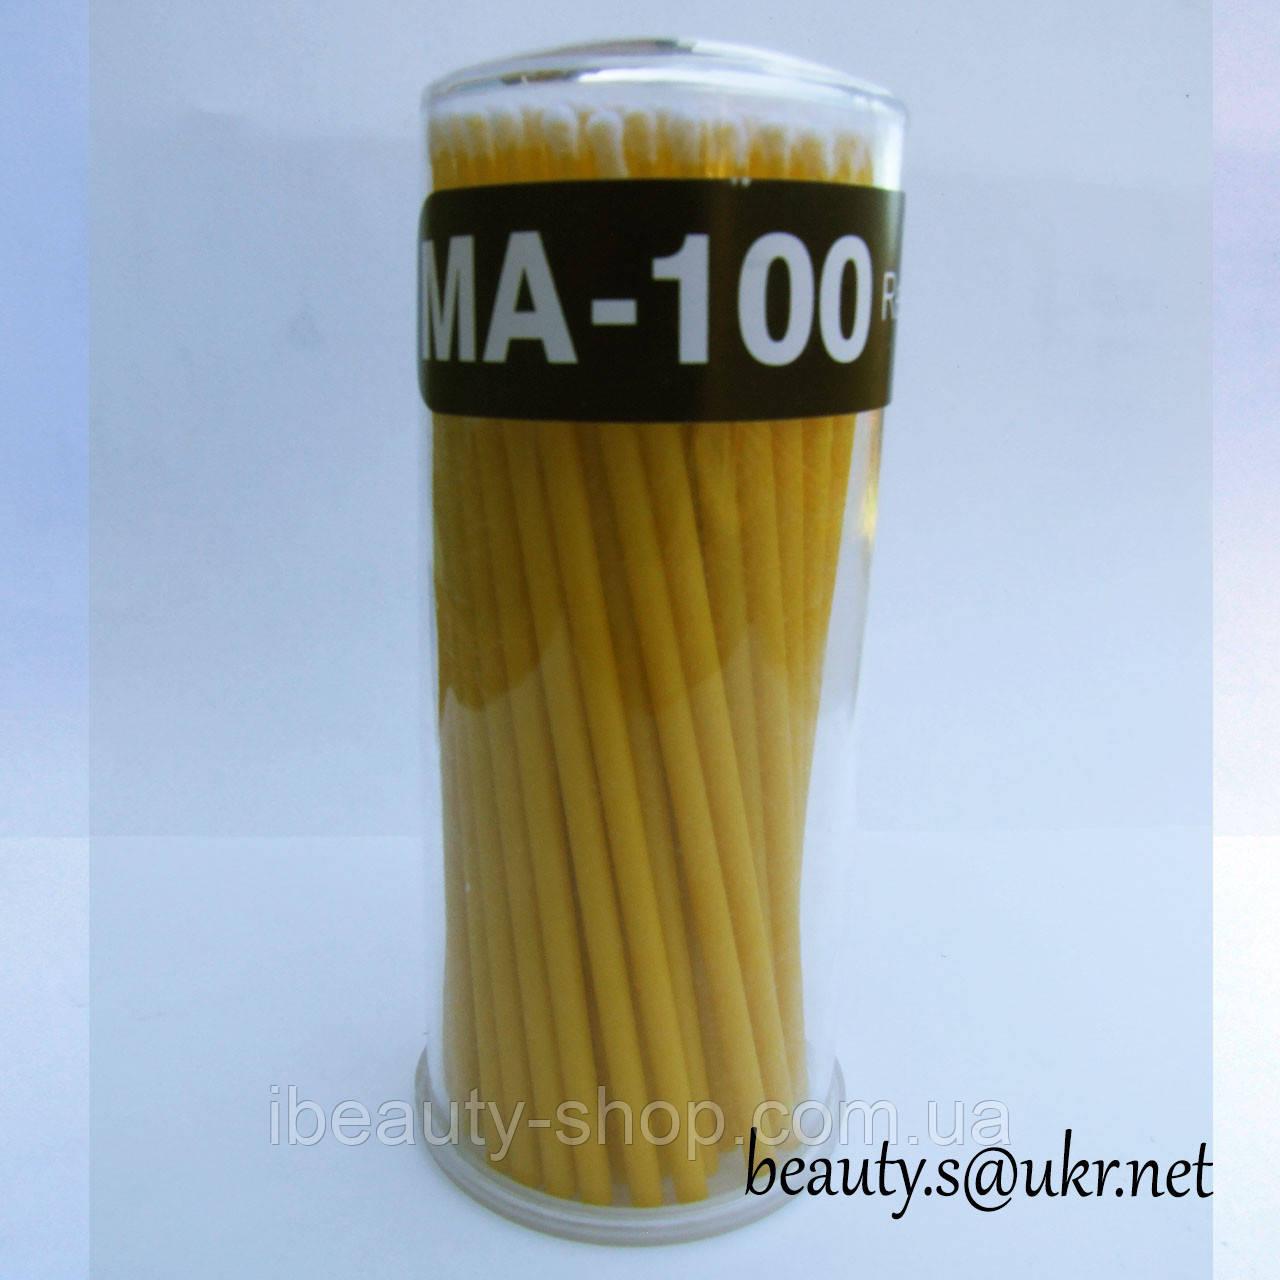 Микробраши, жовті,100 шт, 2,5 мм, колба.